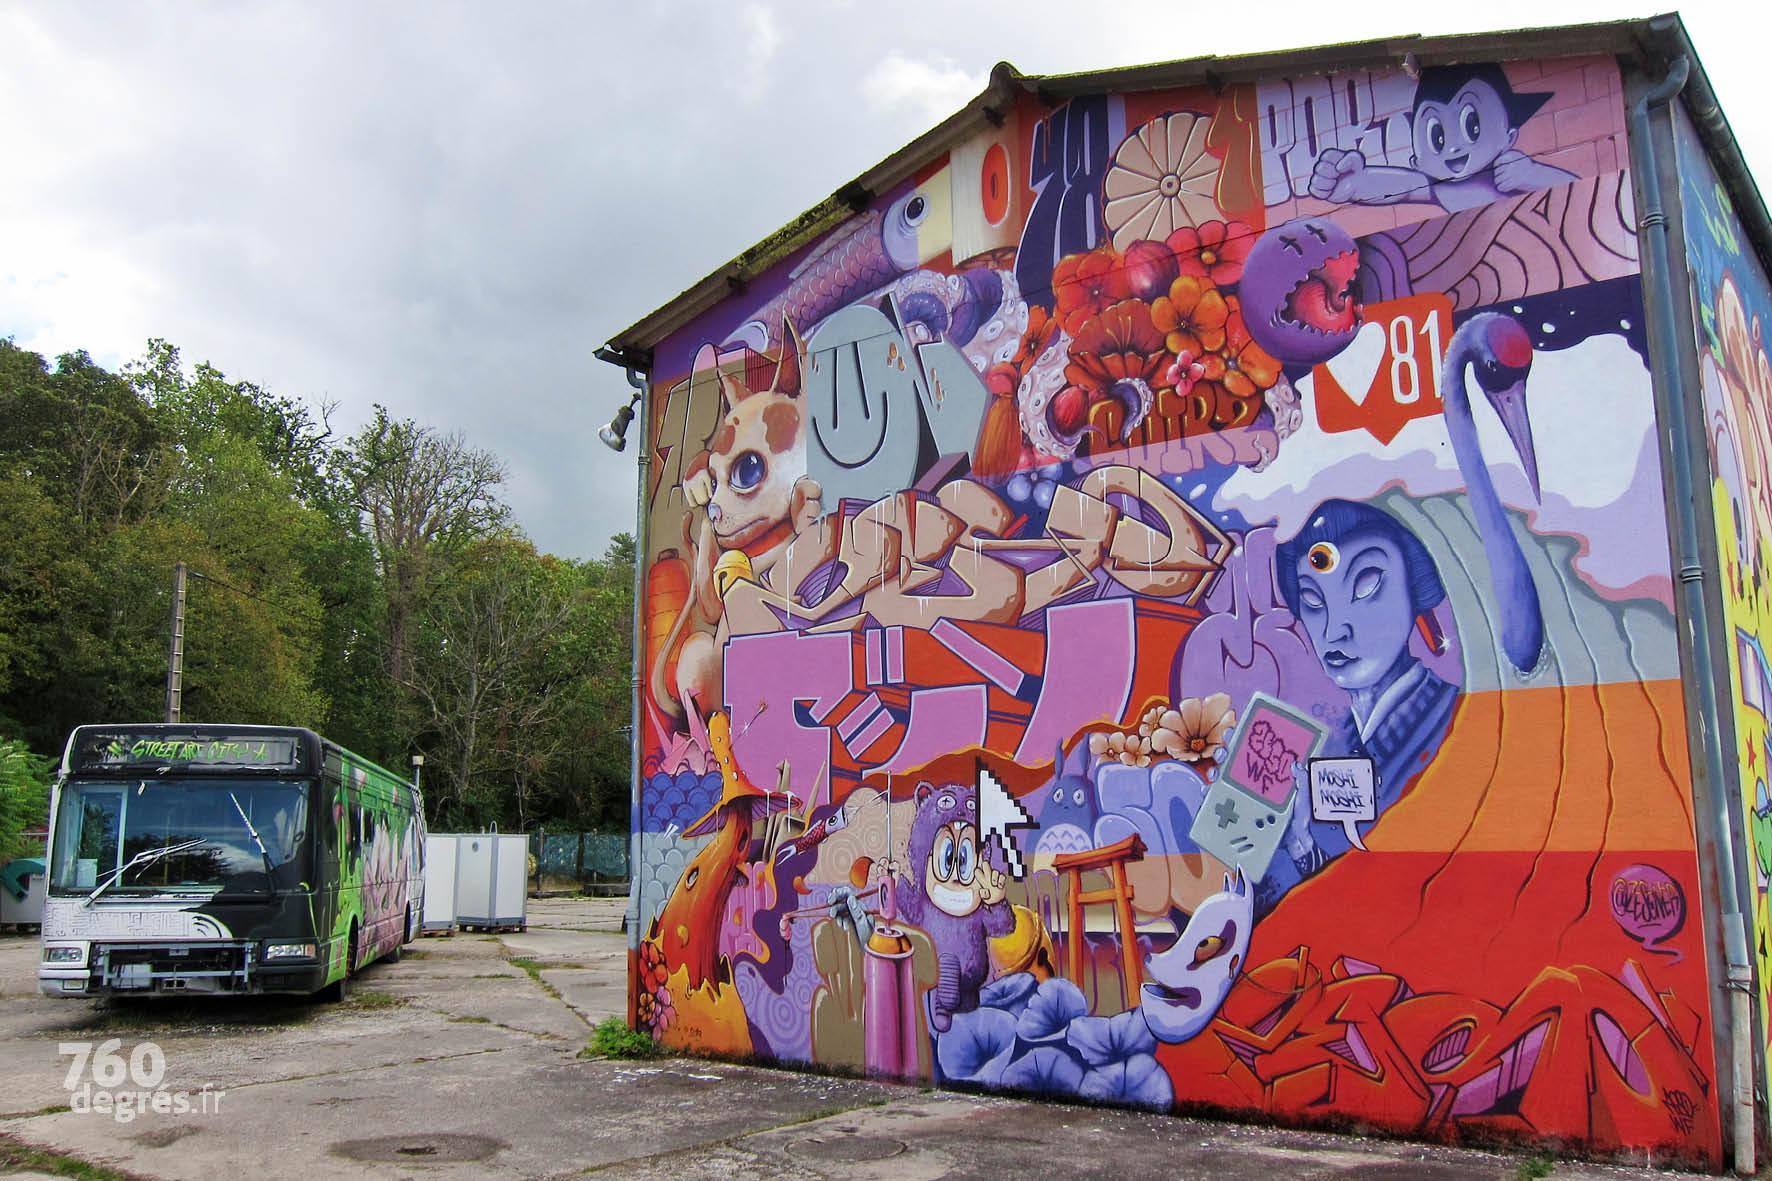 ZESO (France) - Dans cette œuvre de pur graffiti, Zeso, artiste emblématique de Street Art City enchevêtre une foule de détails pour y créer un univers qui fait sens.